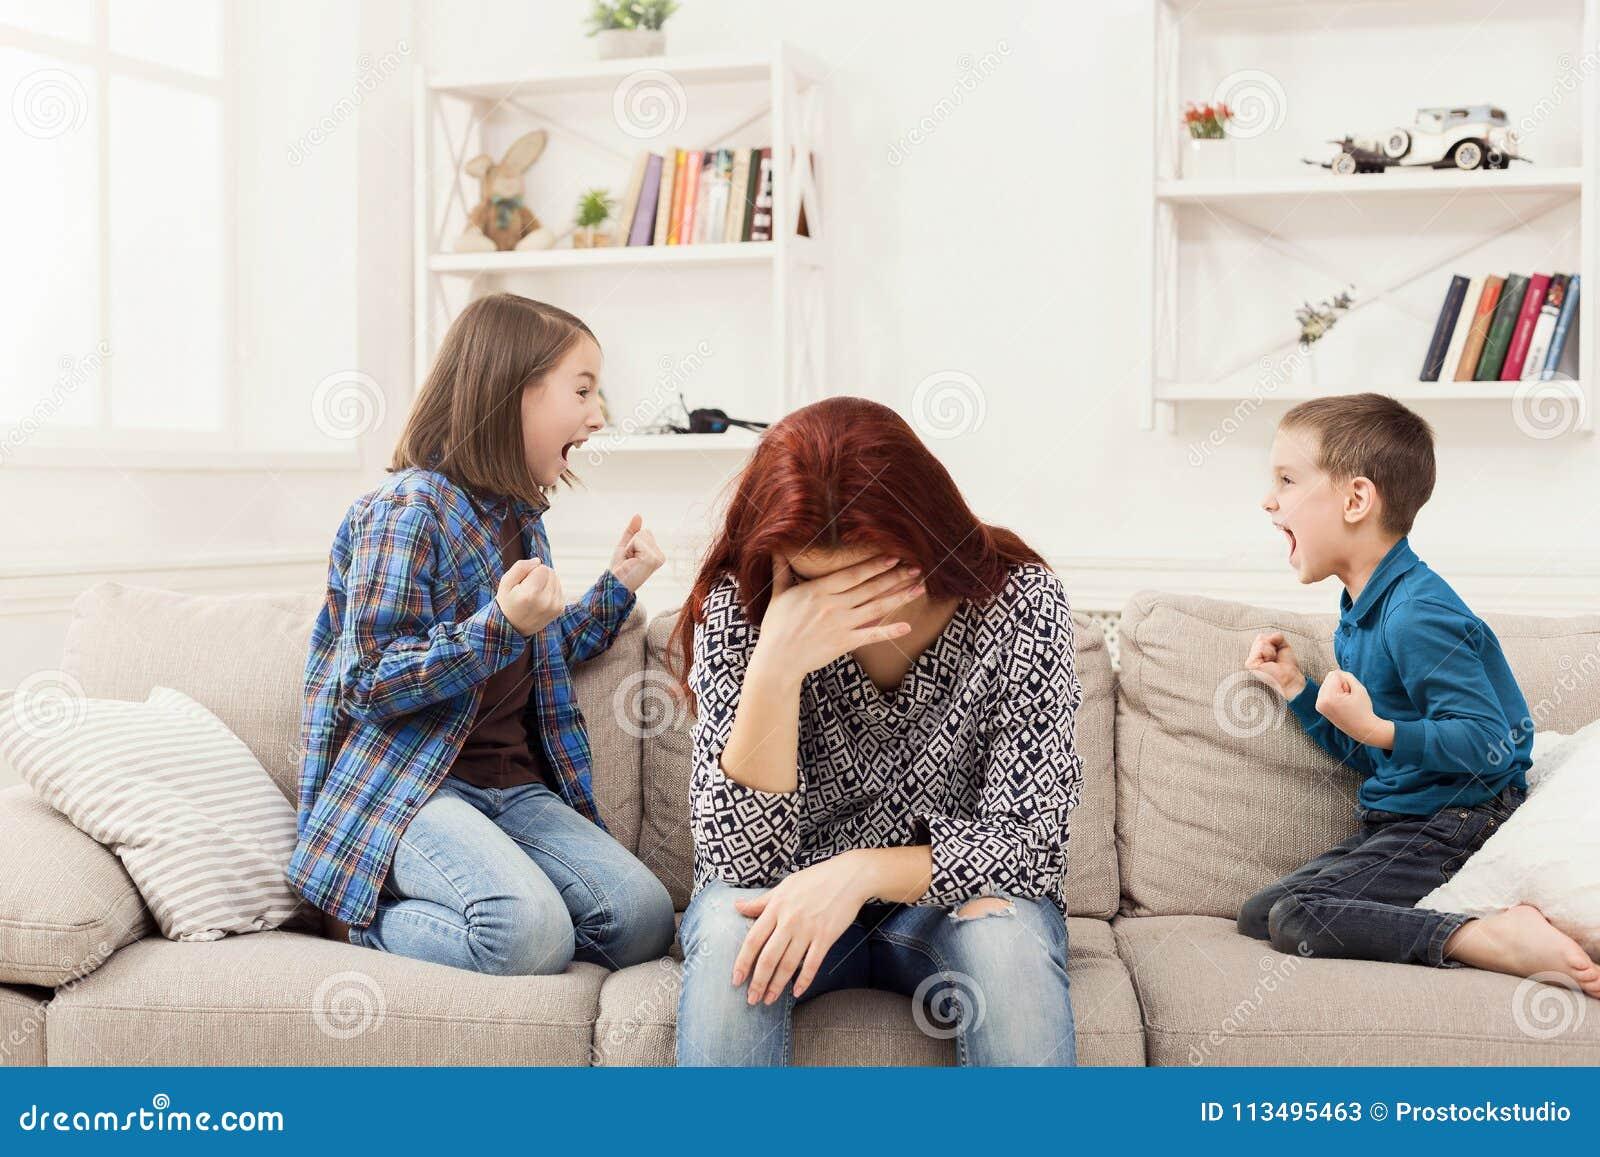 Παιδιά που έχουν τη φιλονικία πέρα από την κουρασμένη μητέρα